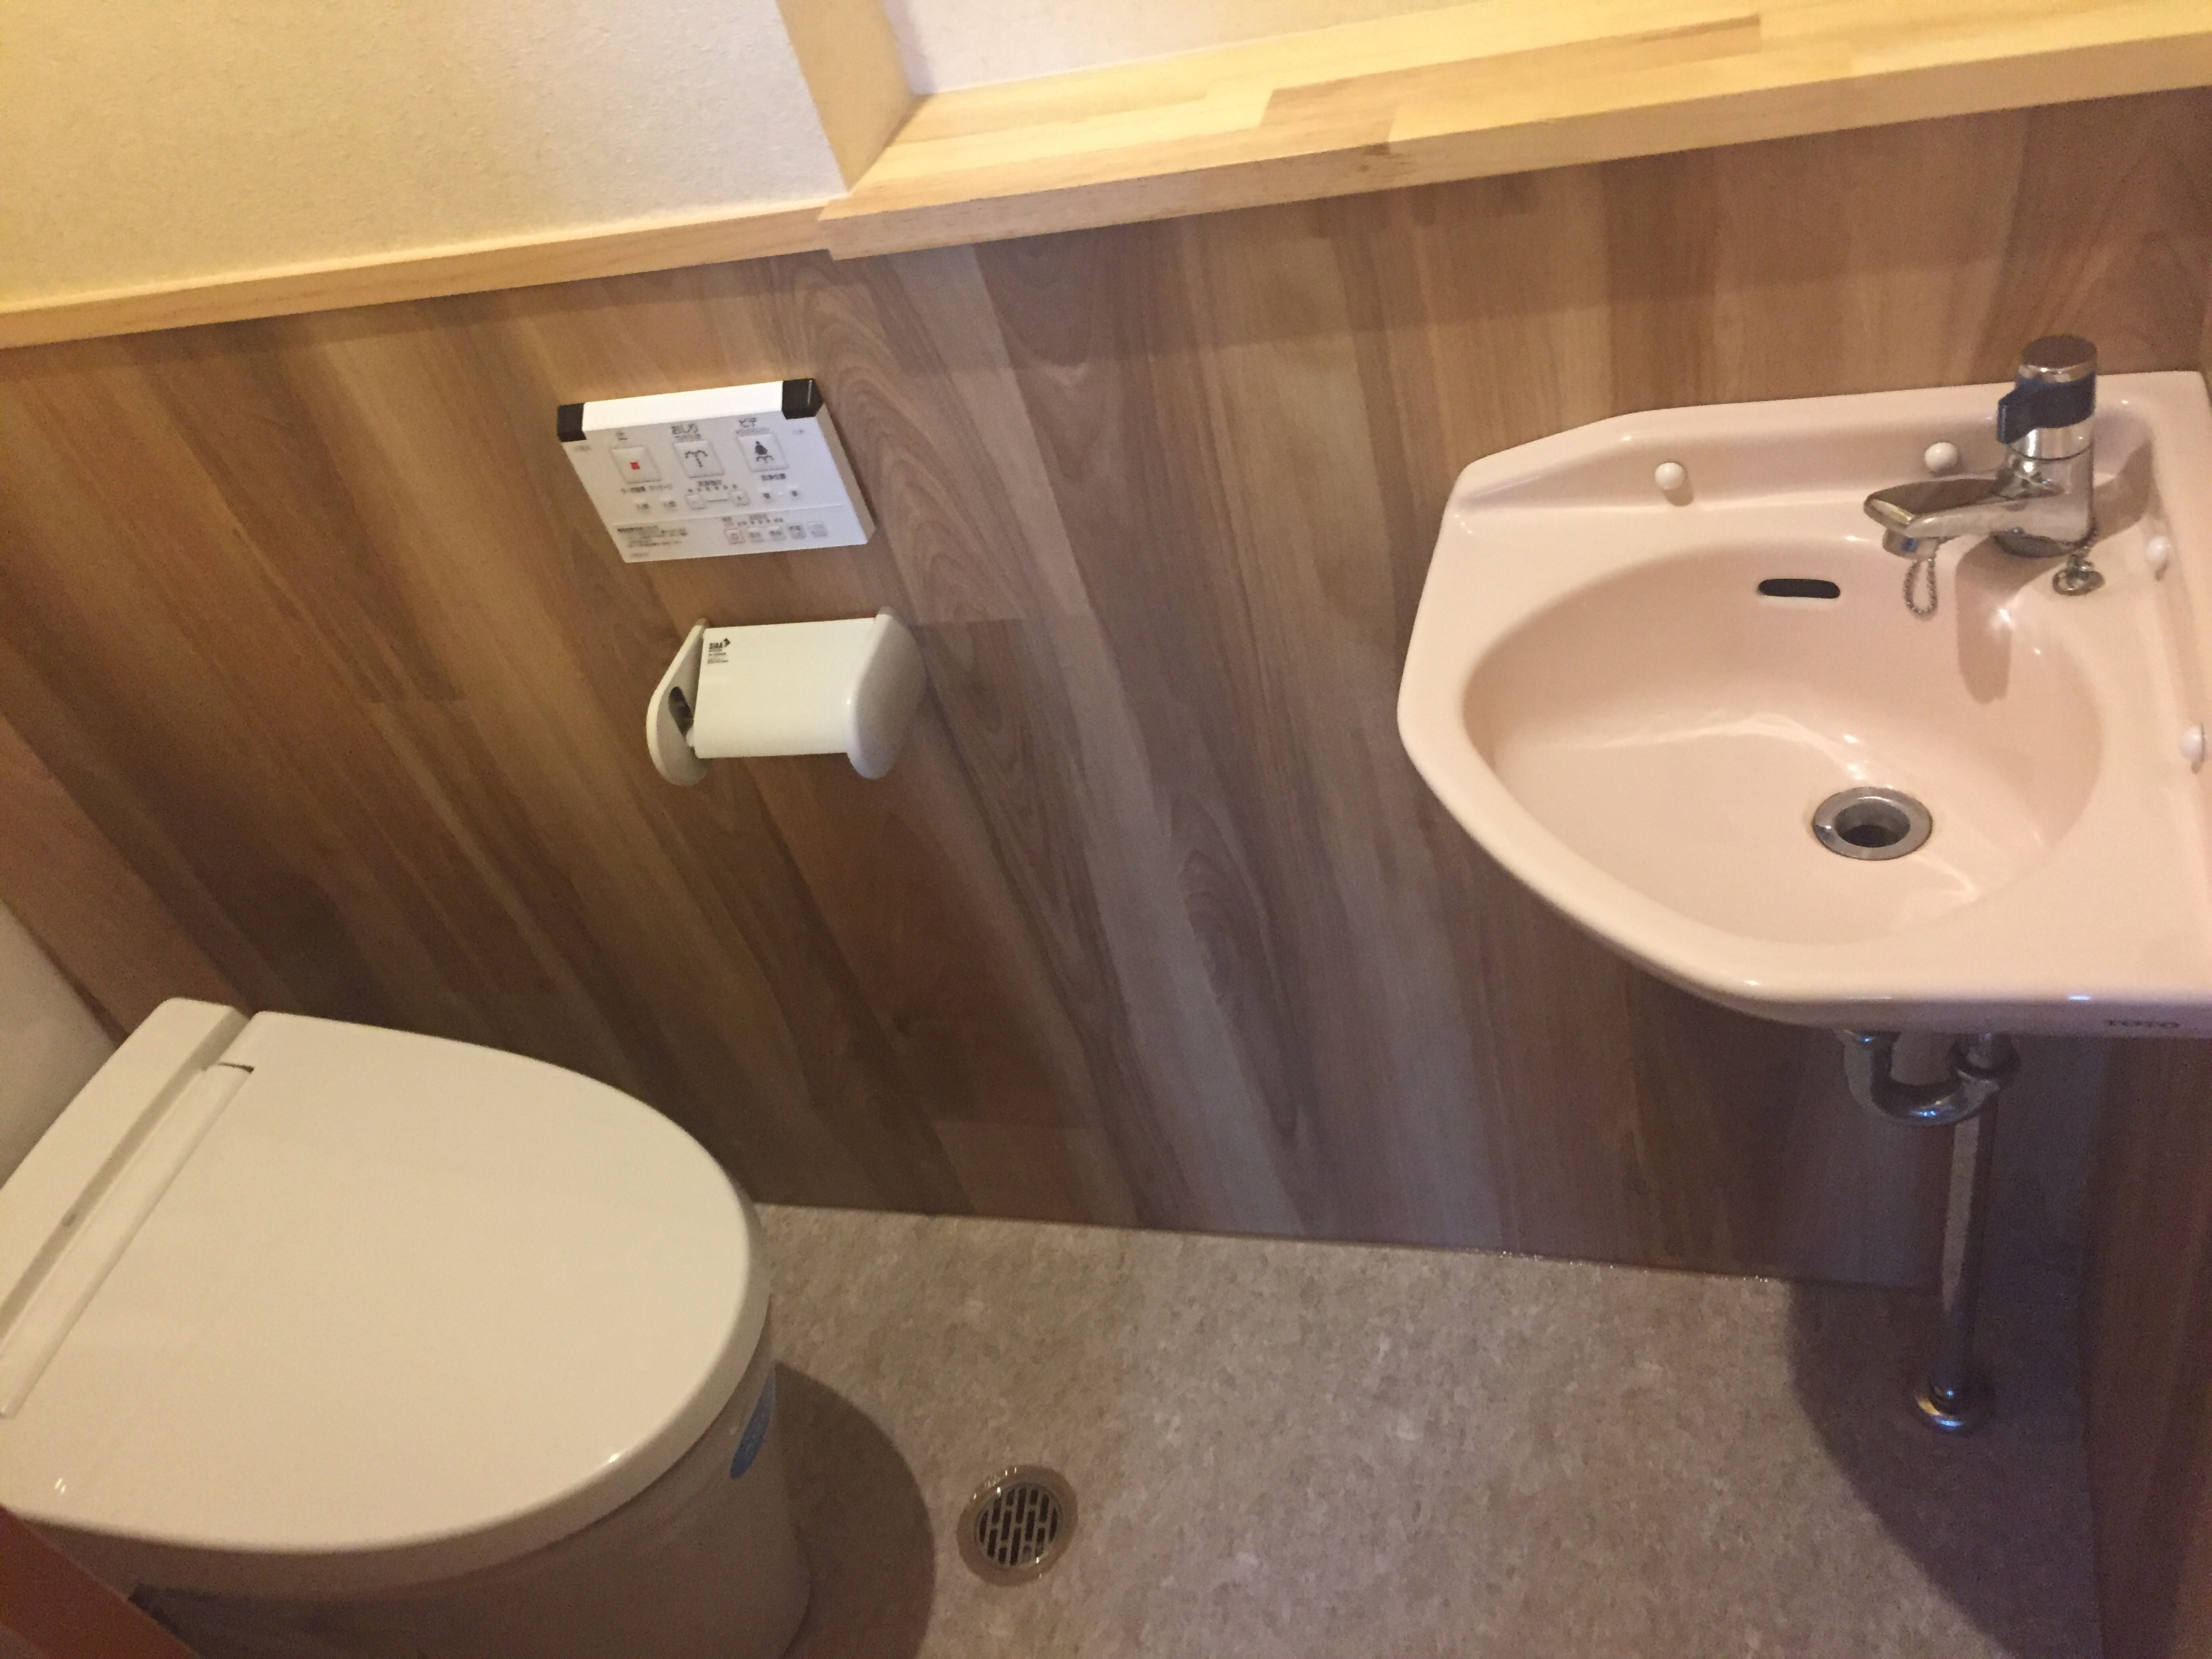 西条市 和式トイレから洋式トイレにリフォーム 施工後2